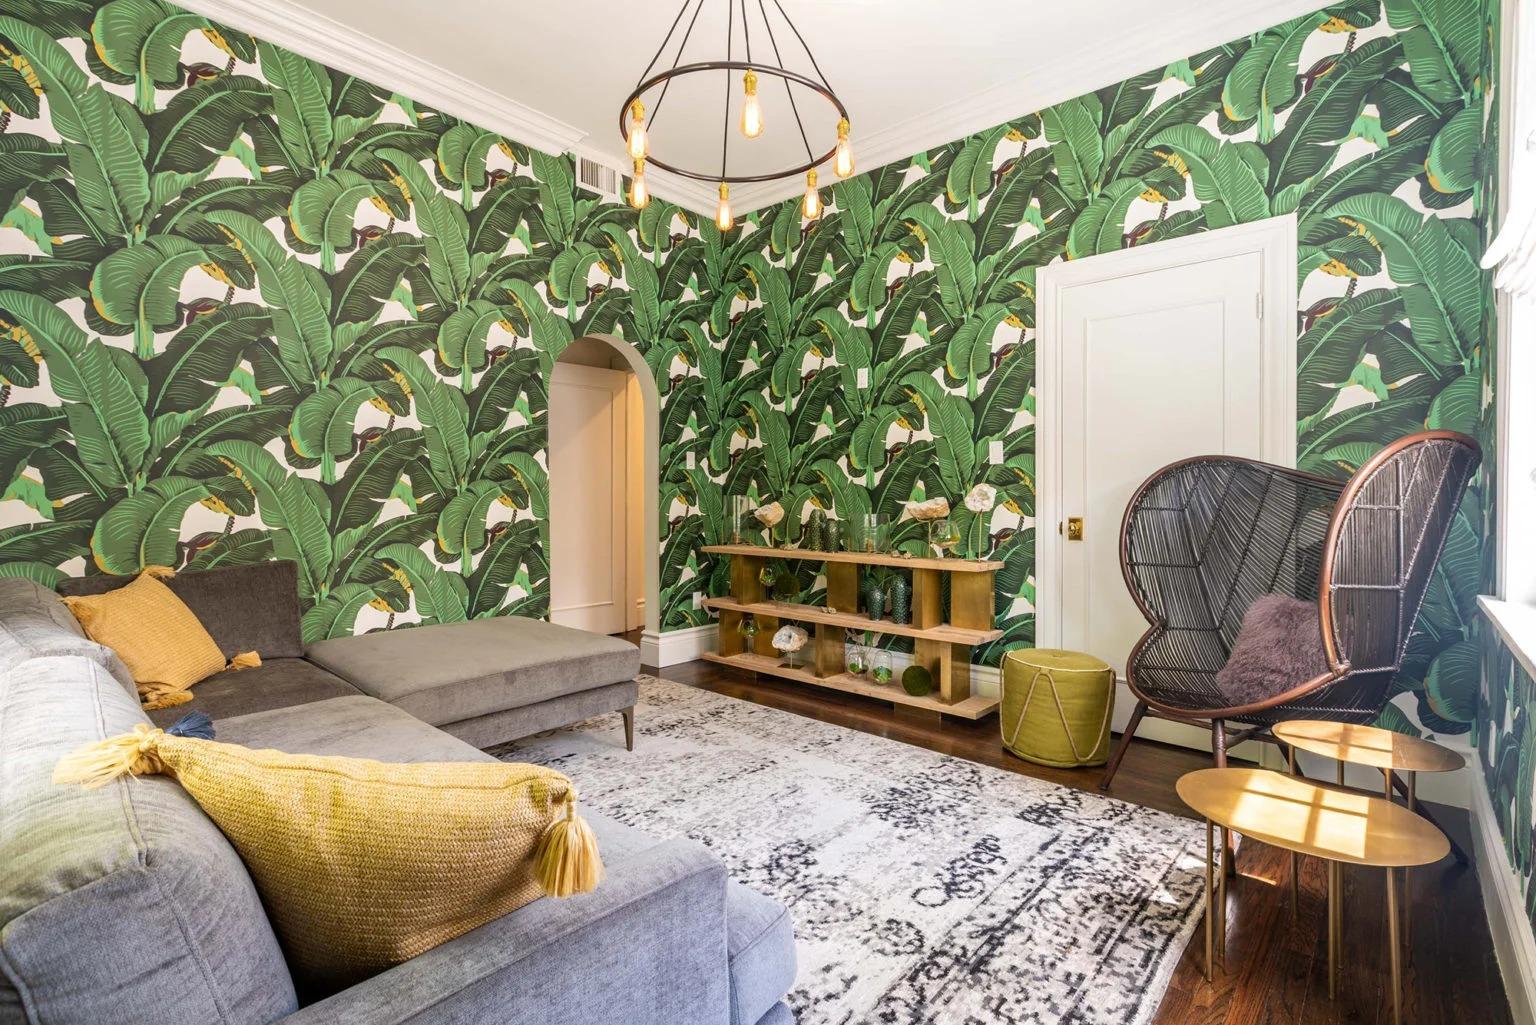 Design MEETings with Laetitia Laurent, bedroom green, sofa